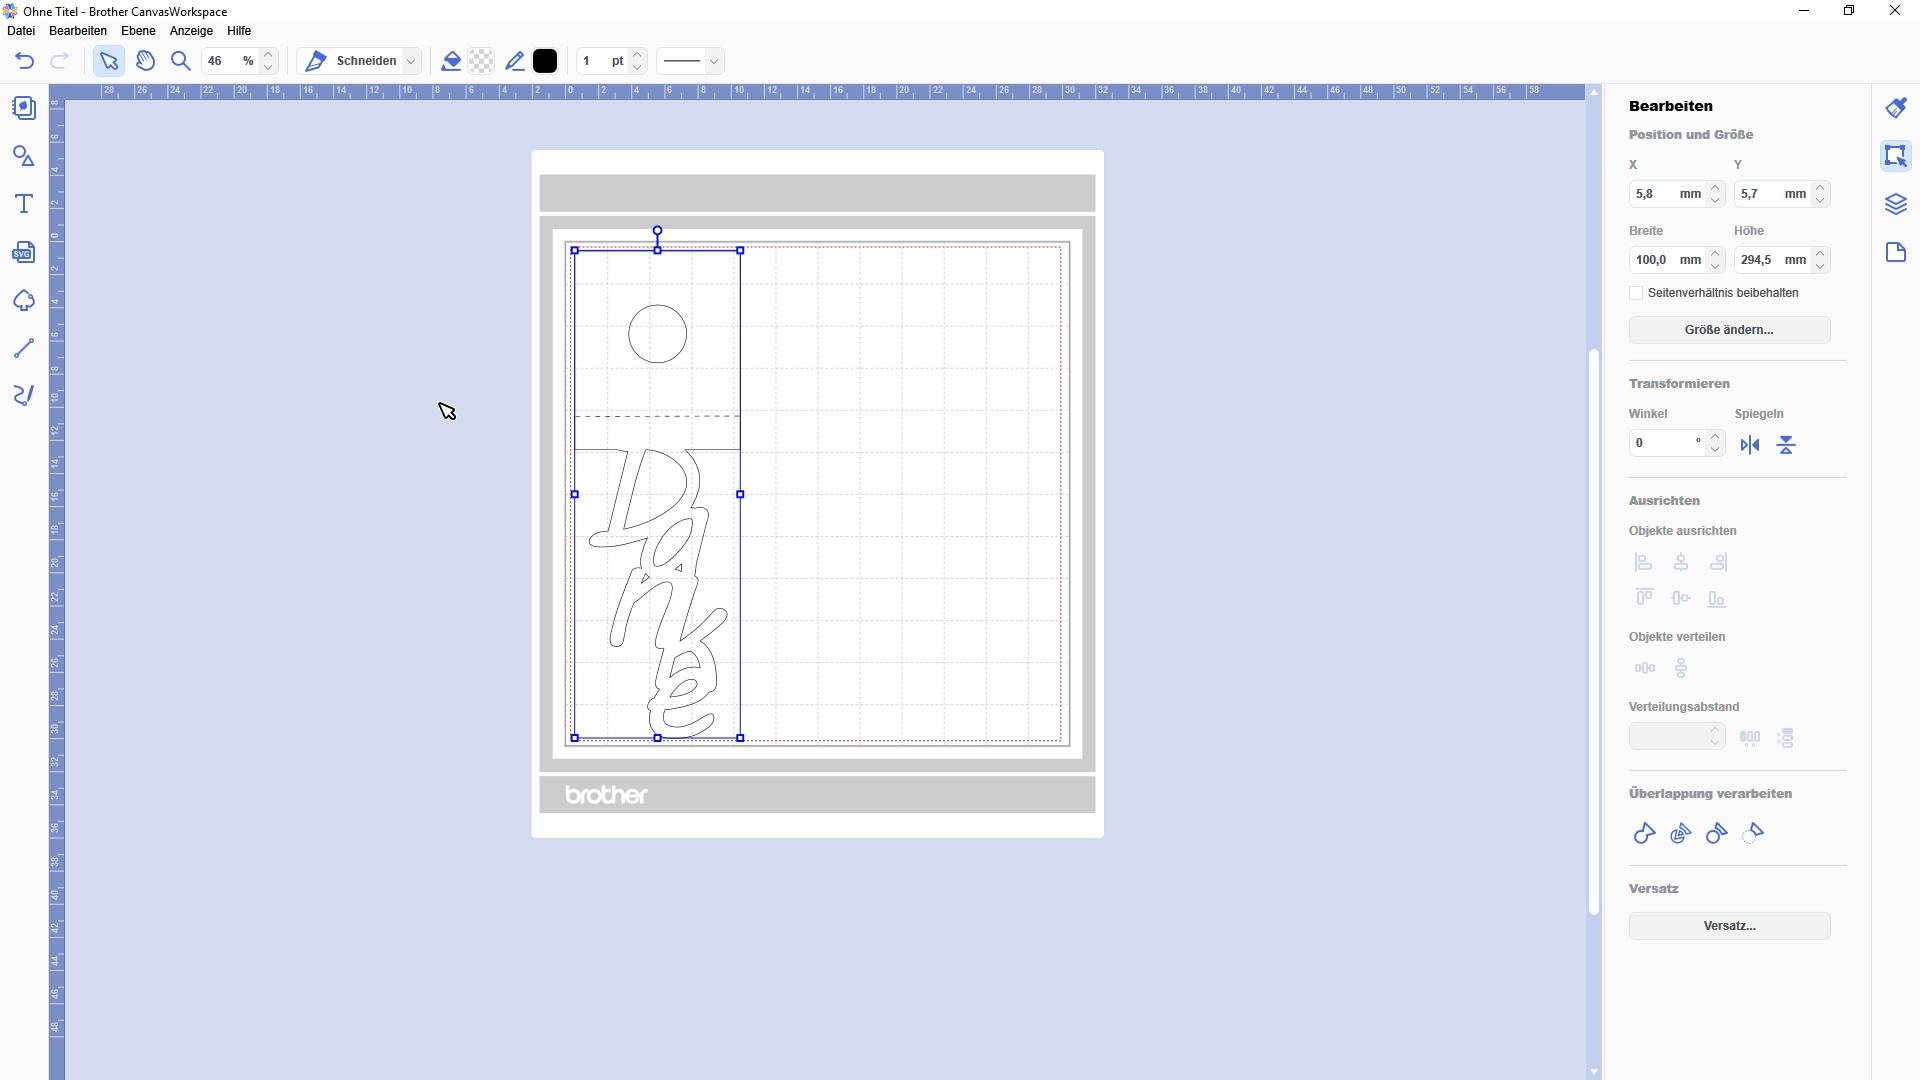 Plotteranleitung - Plotten mit Papier - Weinflaschenanhänger PiexSu (5)